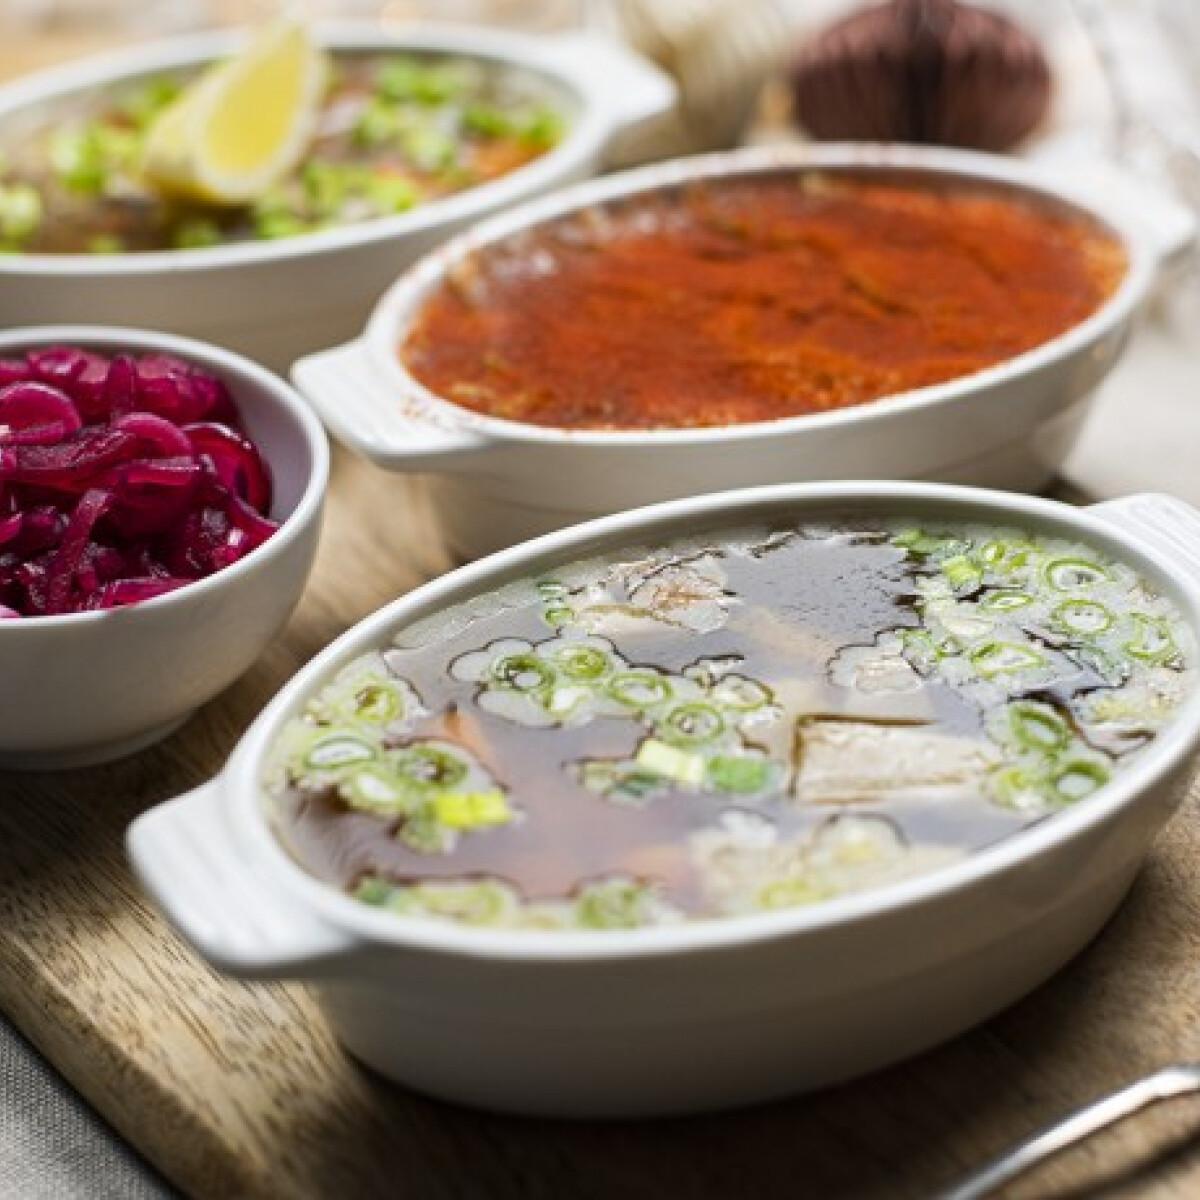 Megosztó téli étel: így készül nálunk a KOCSONYA